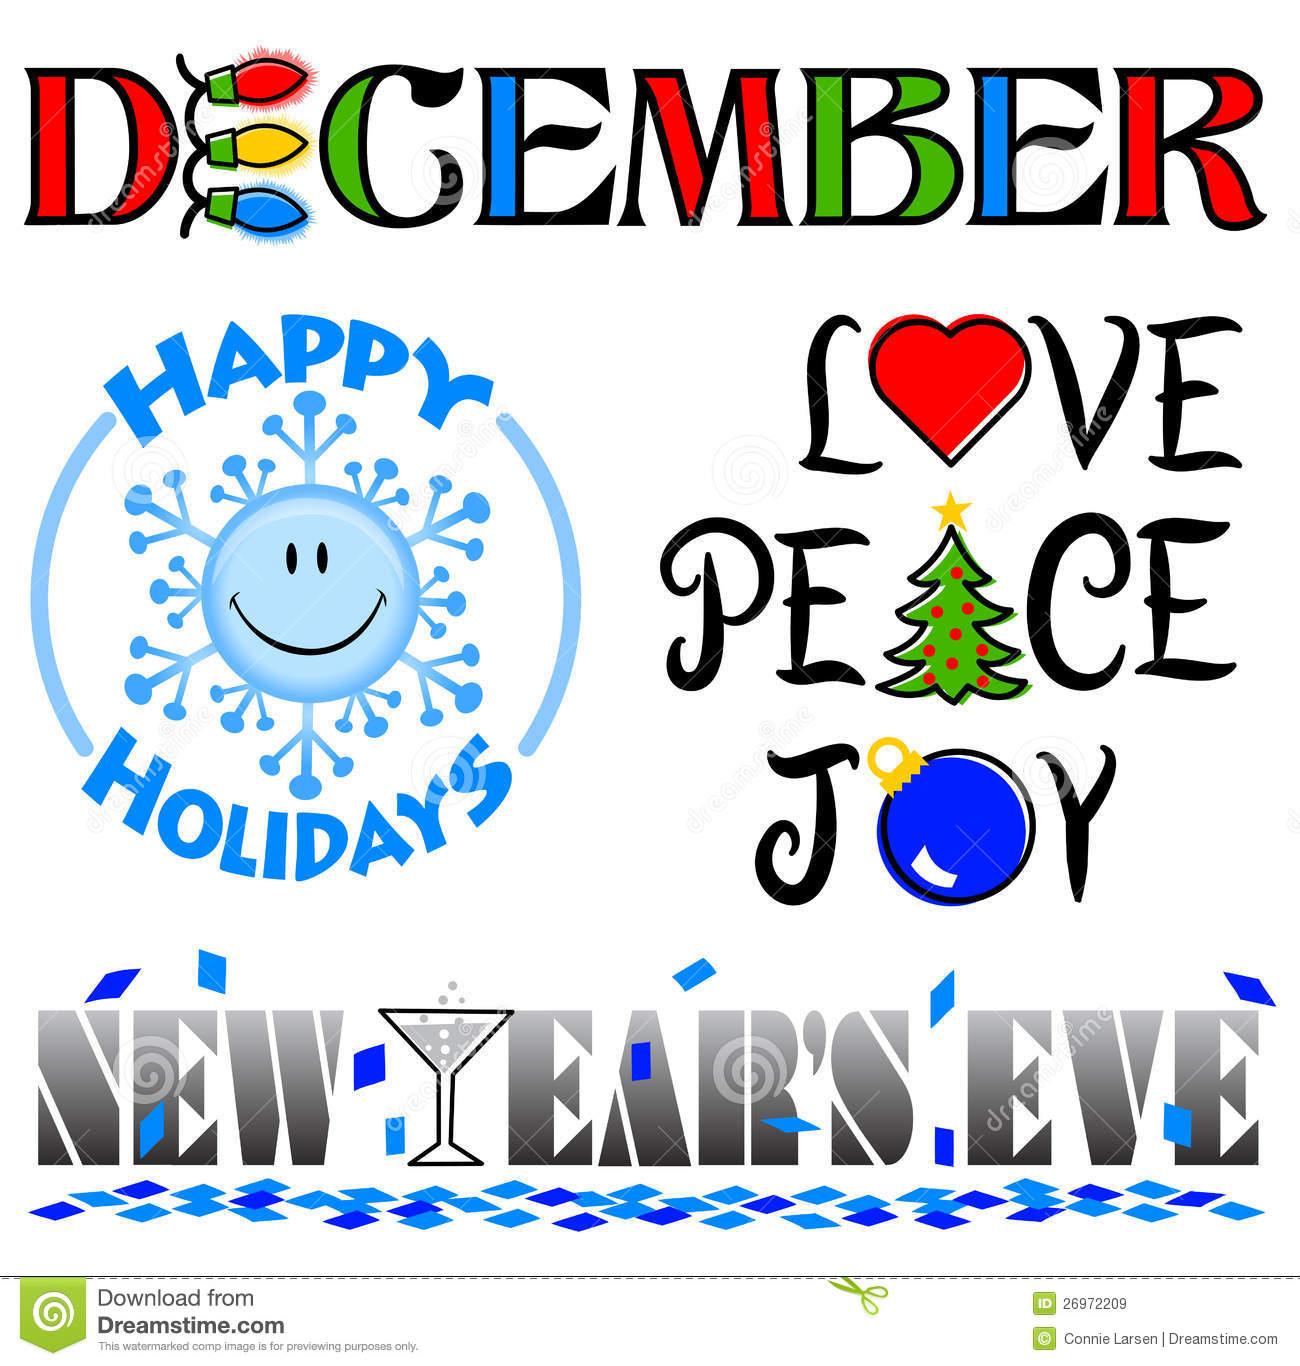 December Events Clip Art Set Eps Royalty-December Events Clip Art Set Eps Royalty Free Stock Images Image-7